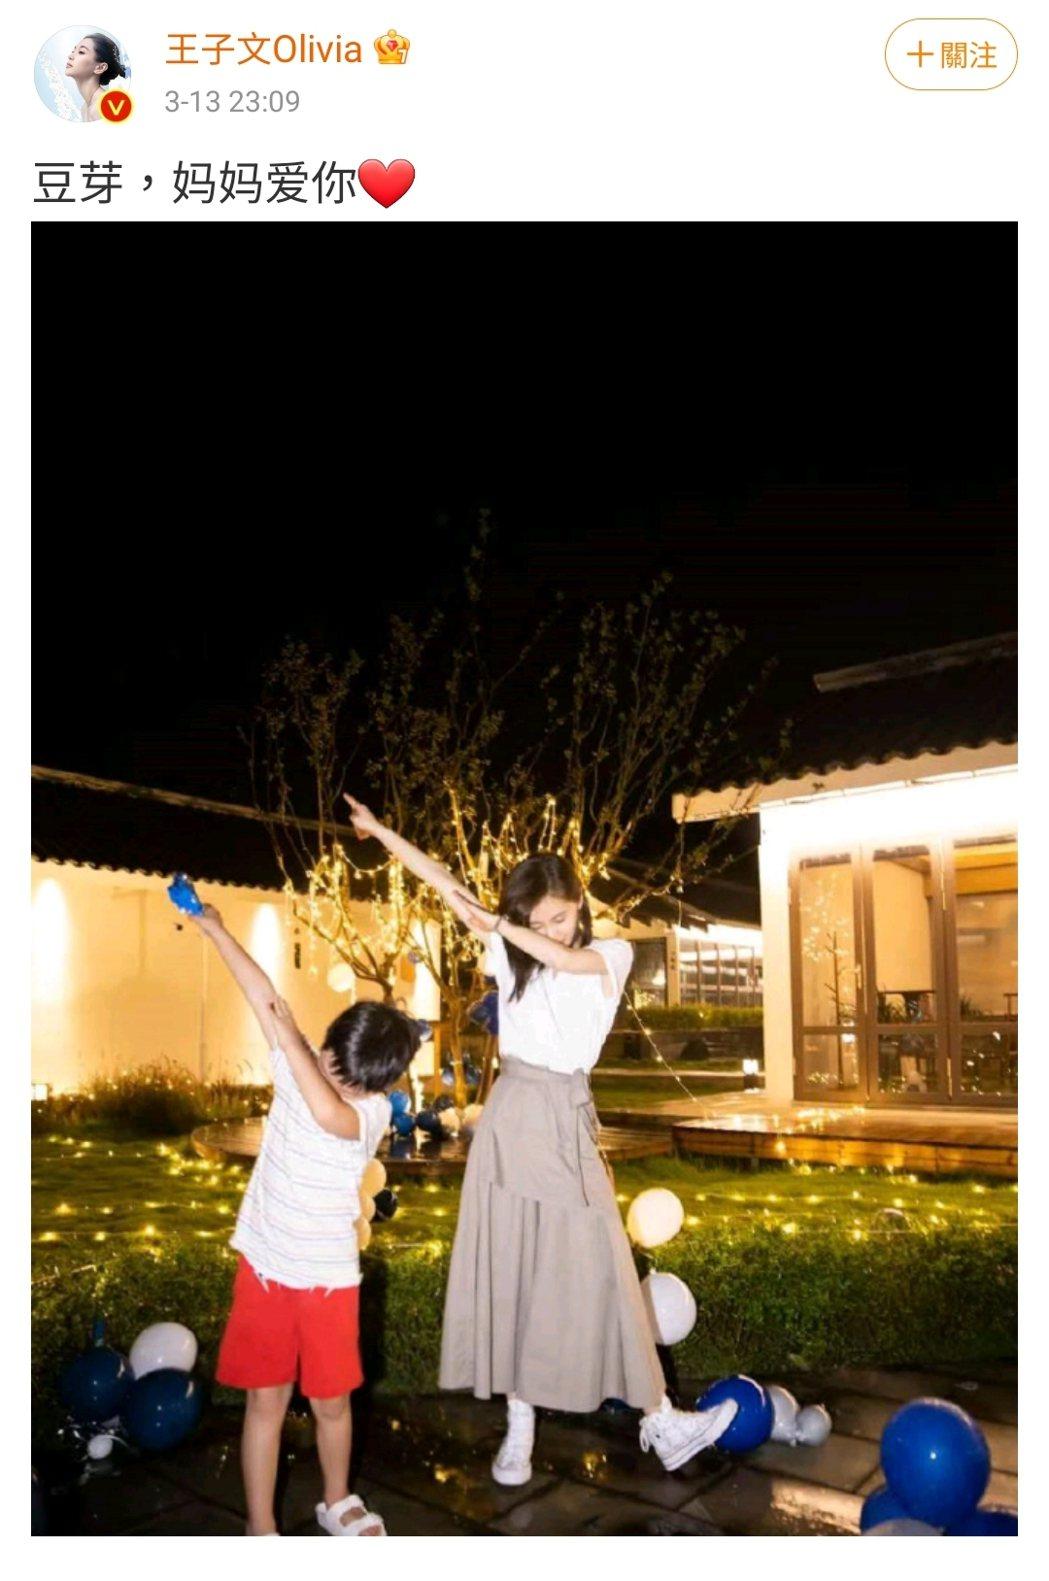 王子文在微博上分享與兒子的合照。 圖/擷自王子文微博